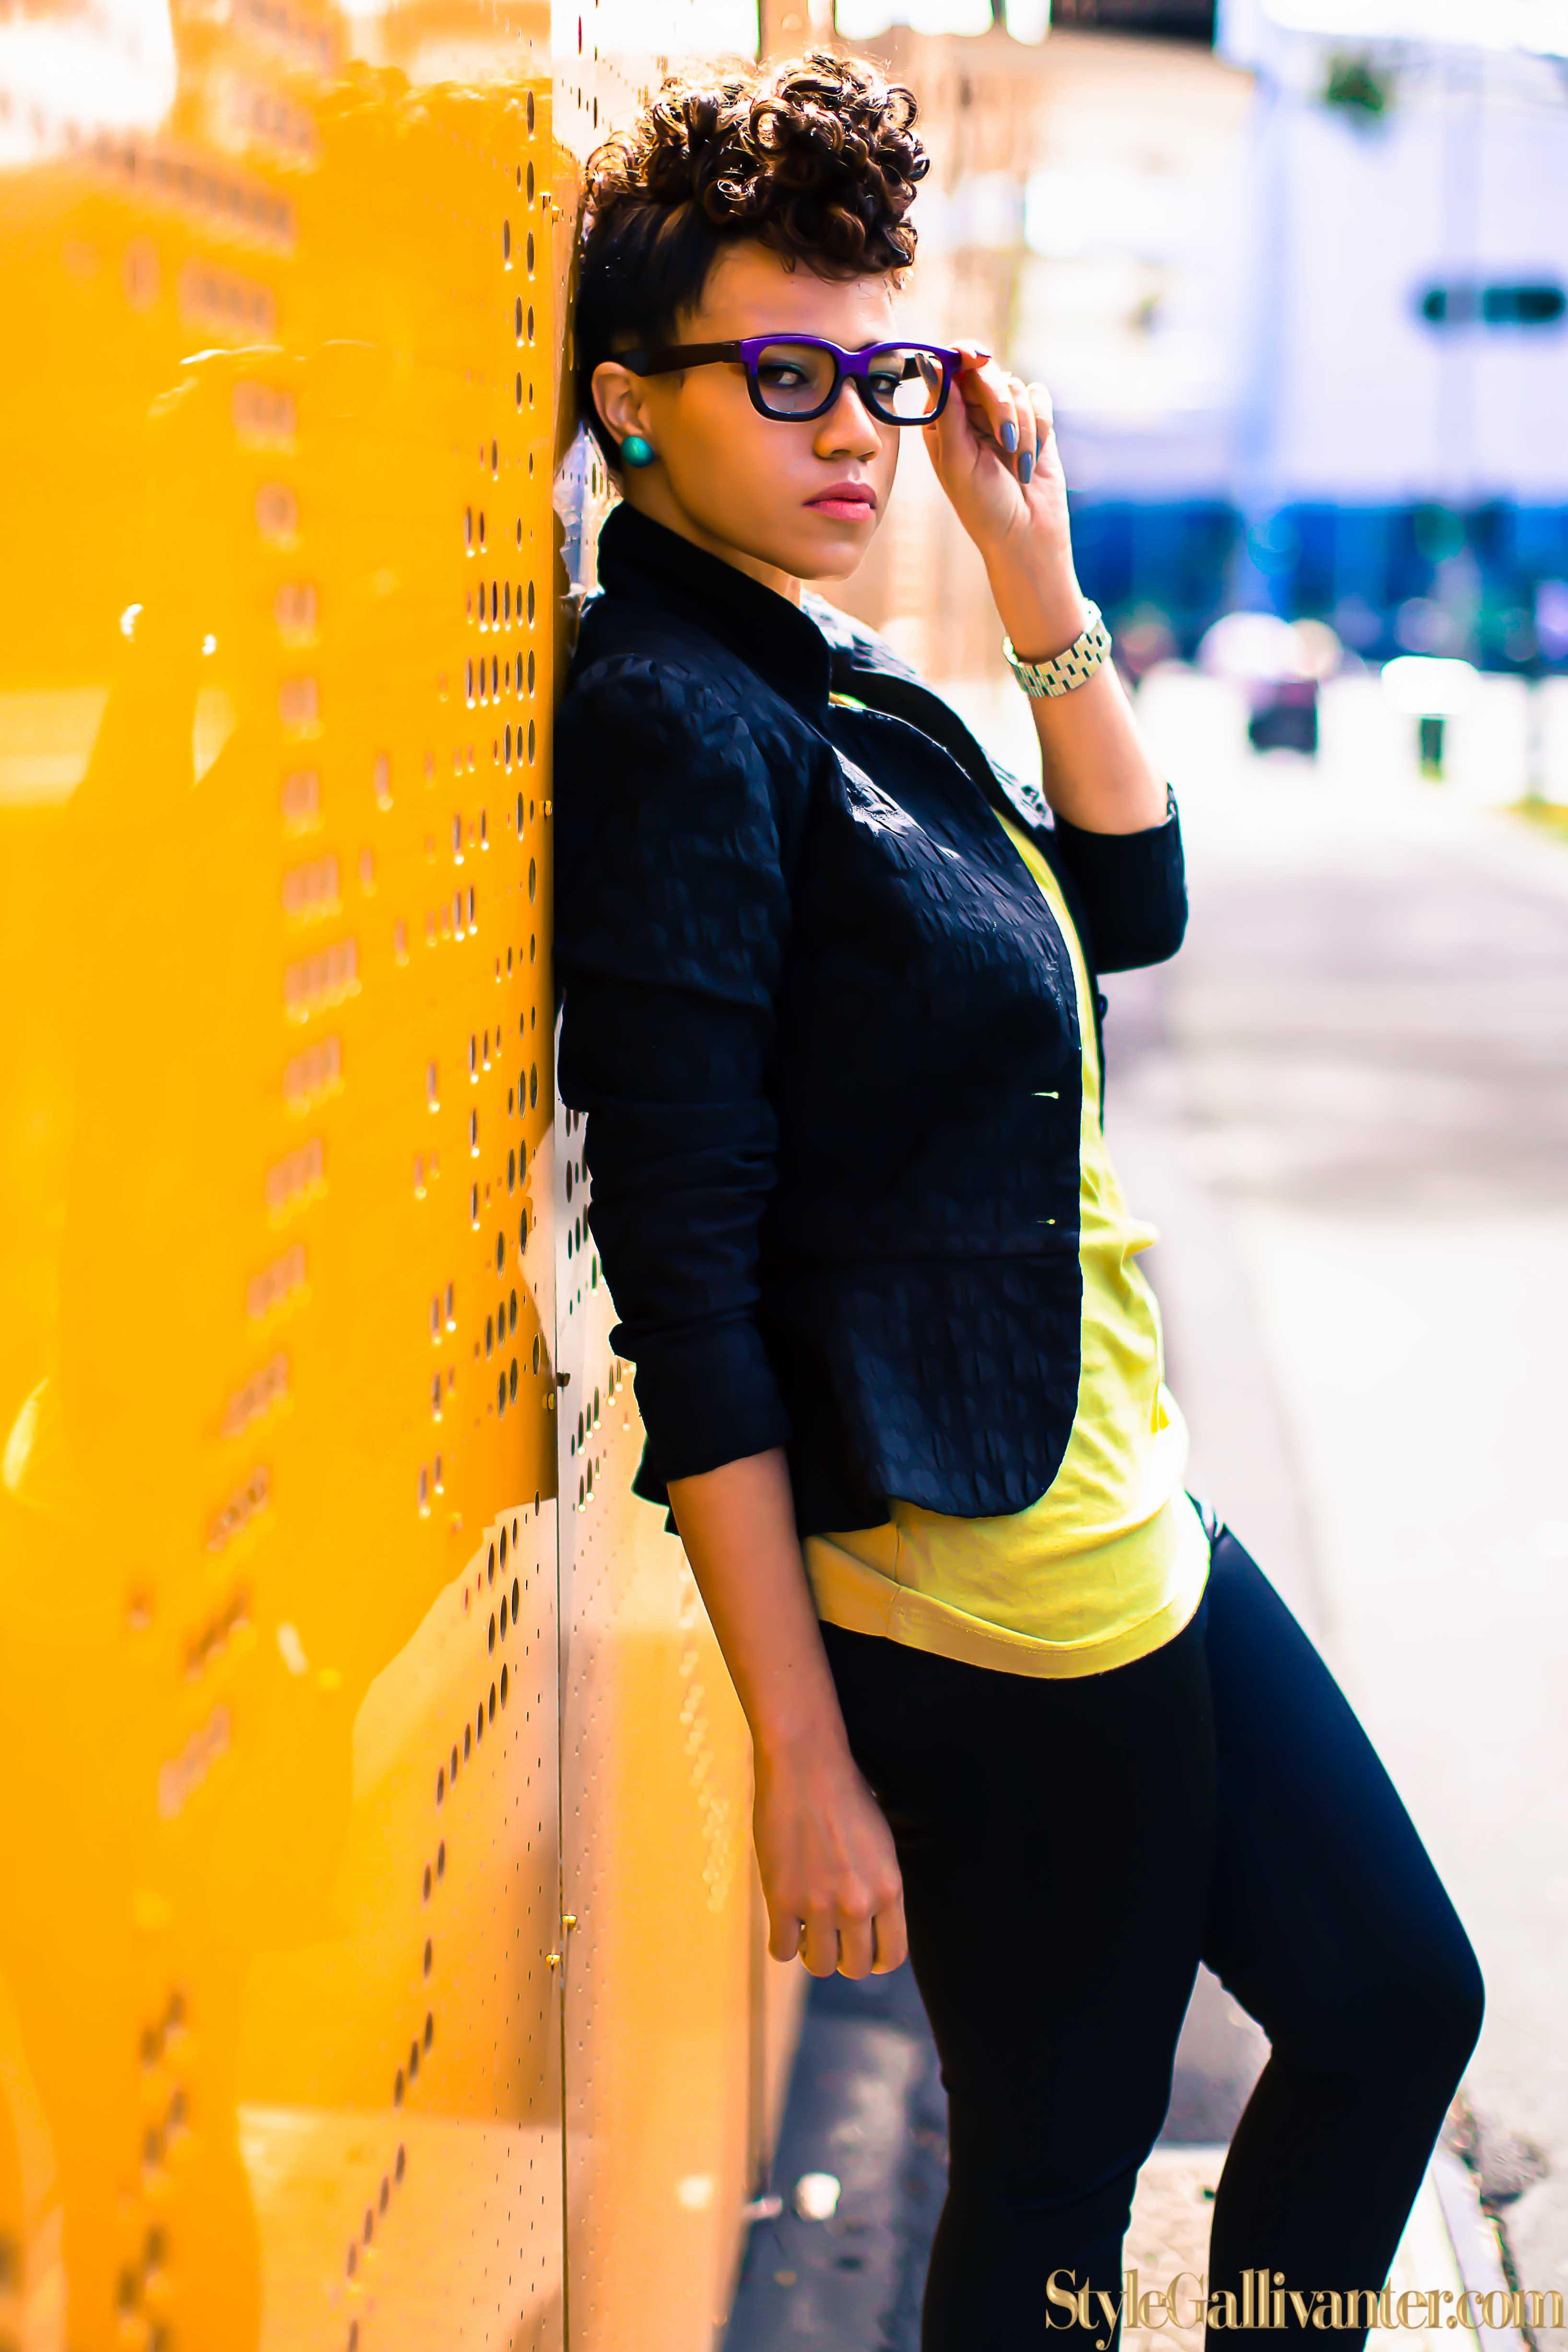 orange-stillettos-heels_top-fashion-bloggers-melbourne_africa's-famous-fashion-bloggers_melbourne's-famous-fashion-bloggers_new-york's-best-fashion-bloggers_best-natural-hair-bloggers_fashion-frohawk_high-fashion-afro_usa's-top-fashion-bloggers_best-african-american-fashion-bloggers